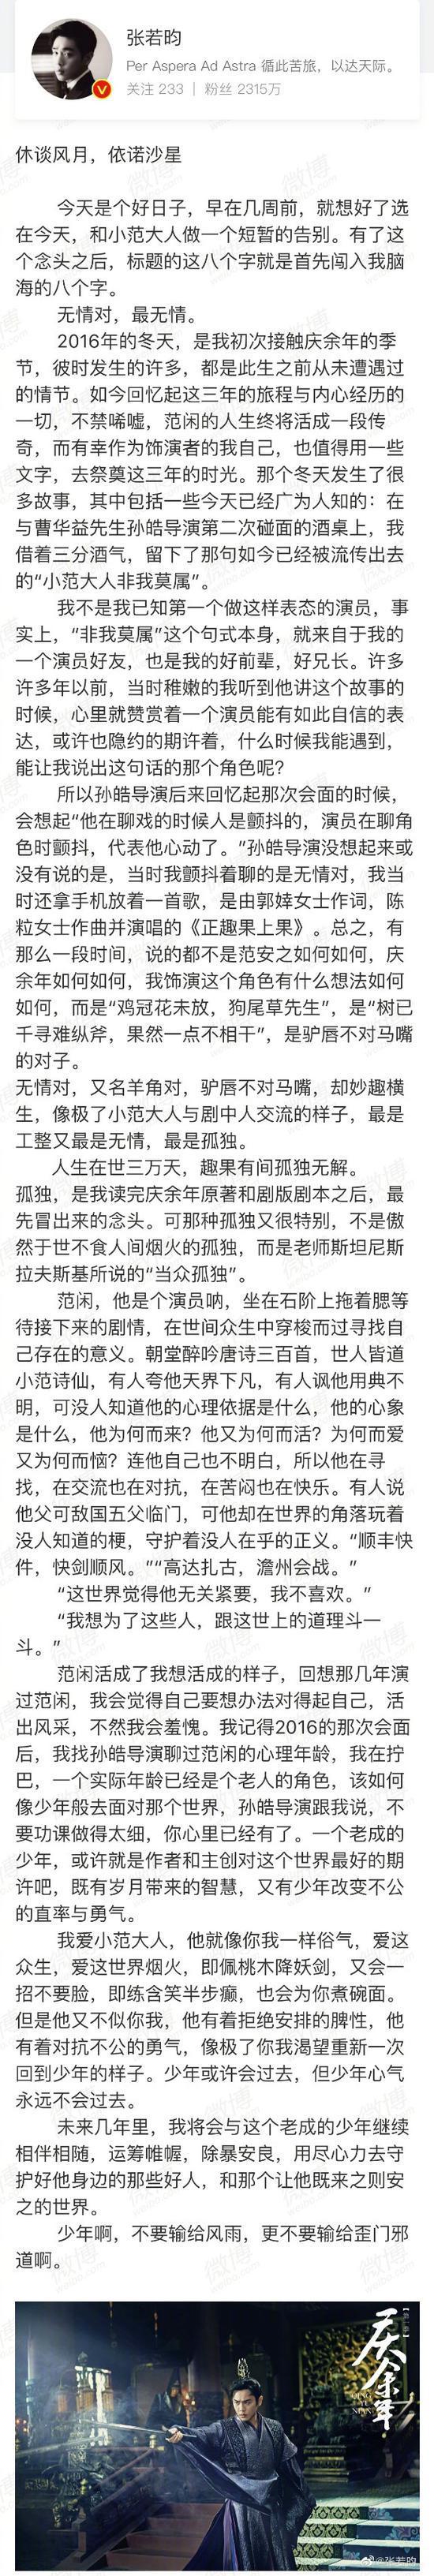 """张若昀发文暂别""""范闲"""":未来几年将继续相伴相随"""